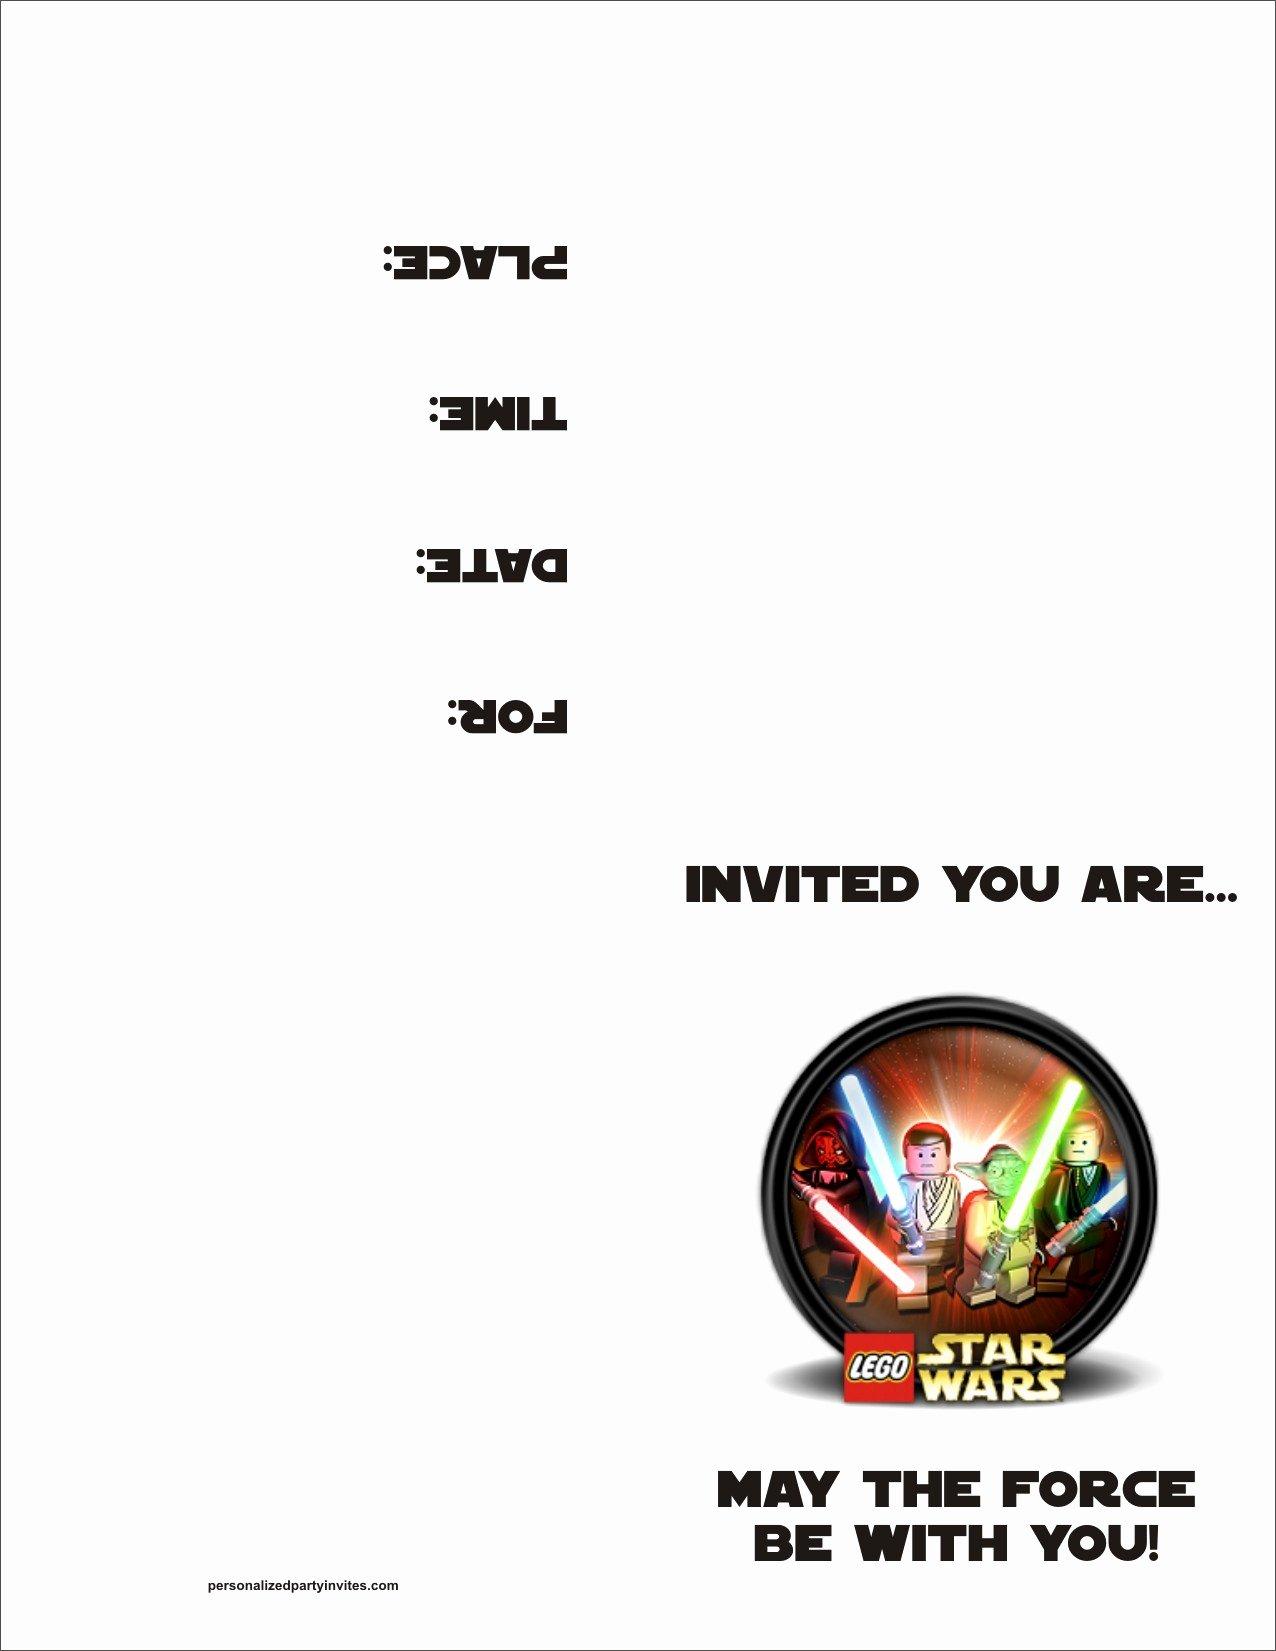 Star Wars Invitations Template